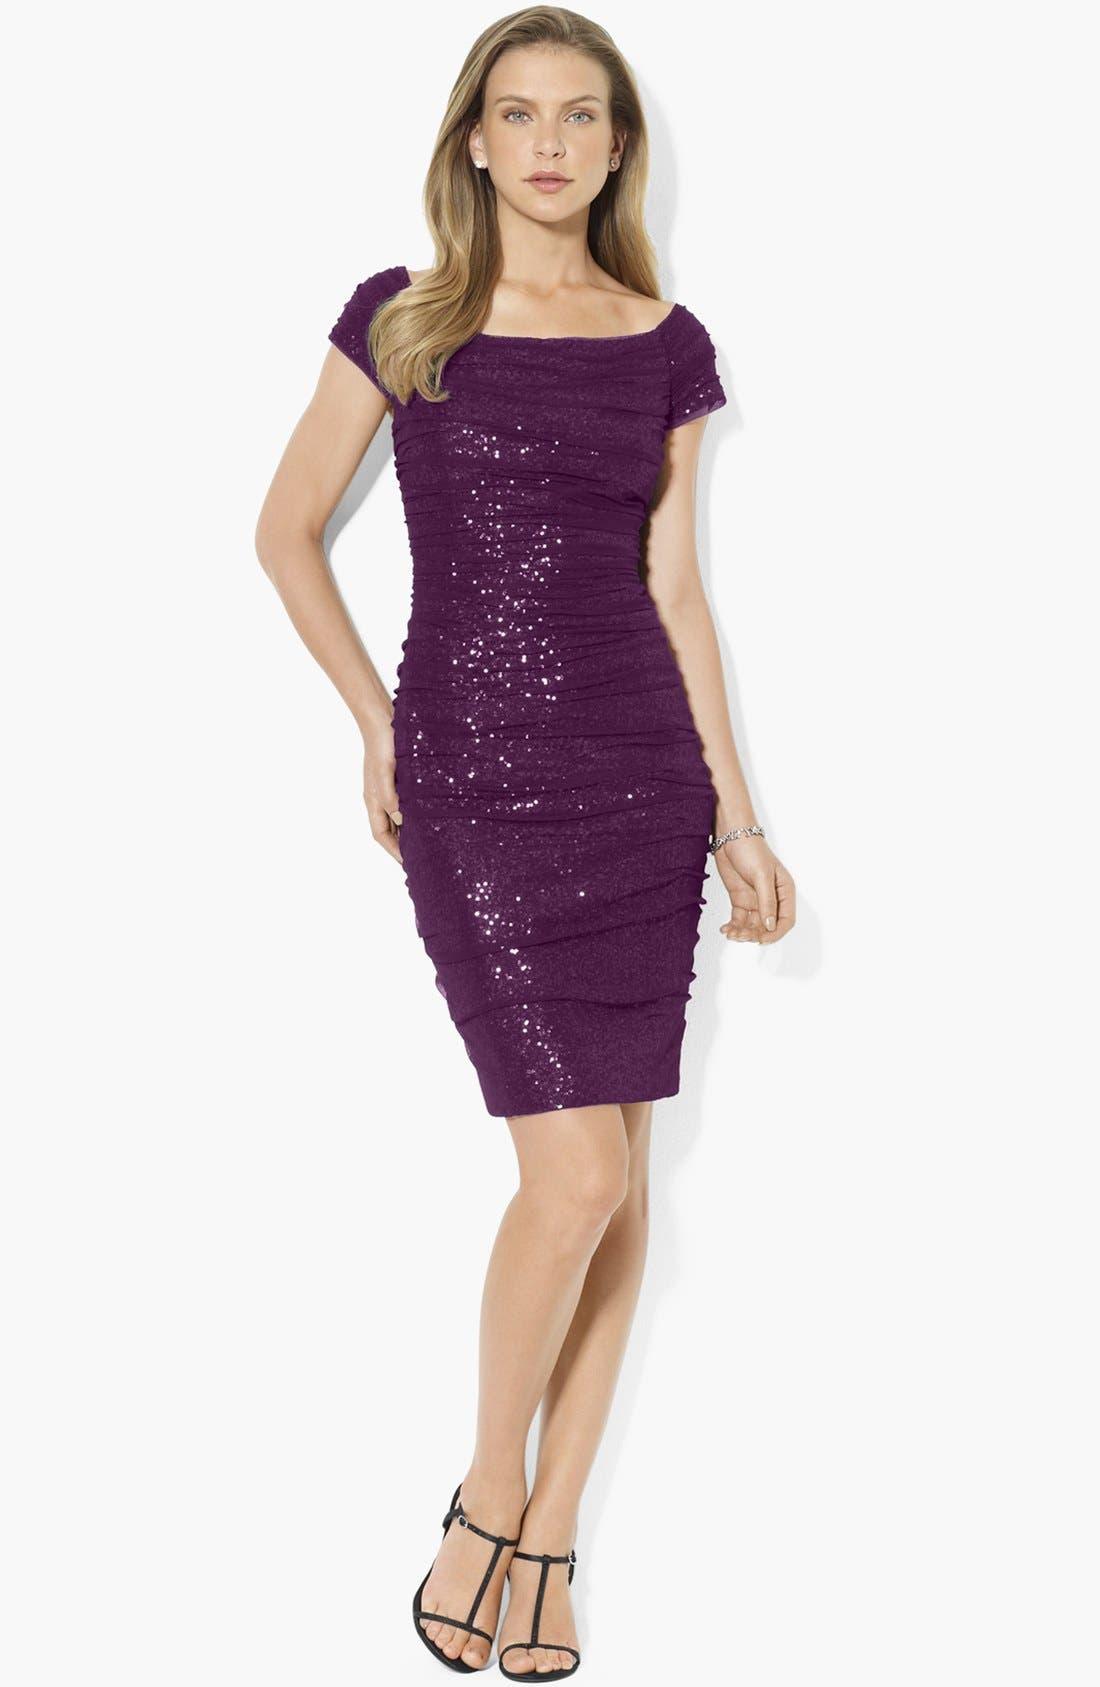 Alternate Image 1 Selected - Lauren Ralph Lauren Sequin Off Shoulder Mesh Sheath Dress (Regular & Petite)